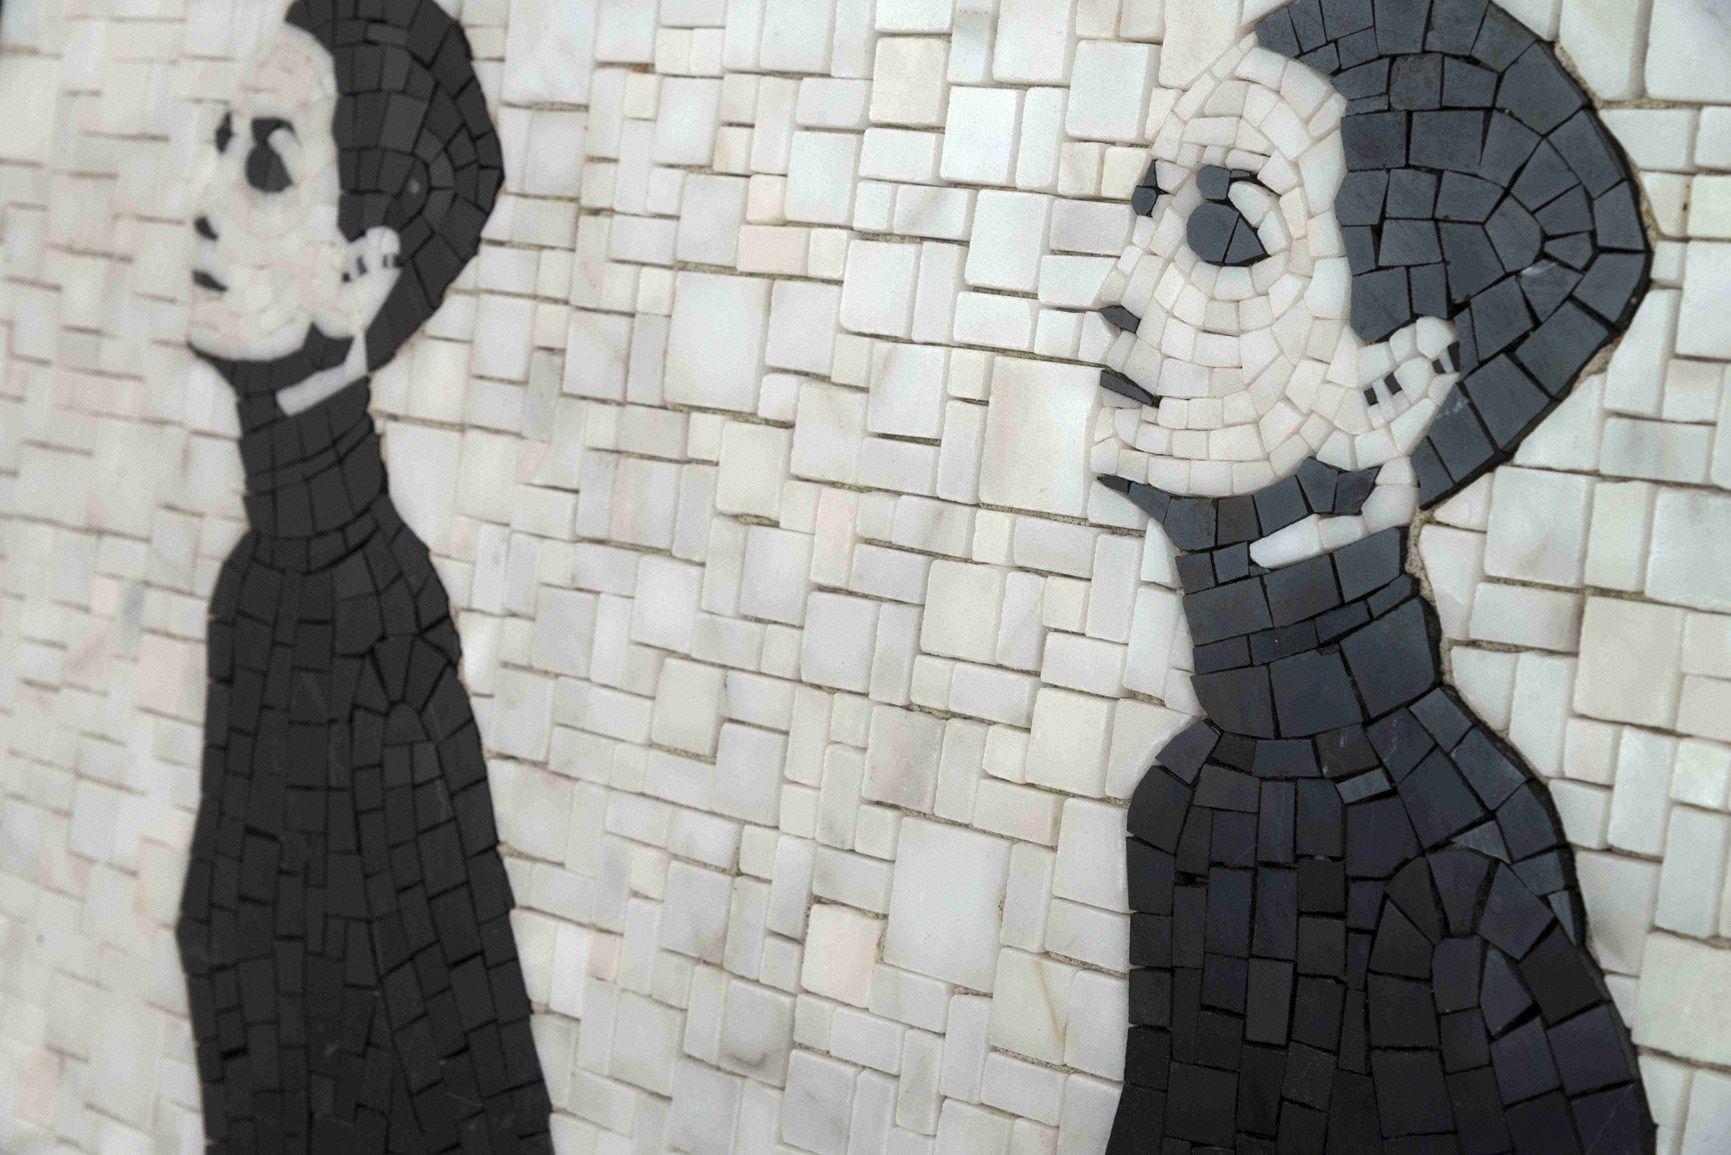 Arredamento Pop Art Milano : Mosaico in vetro ispirato alla pop art degli anni sessanta